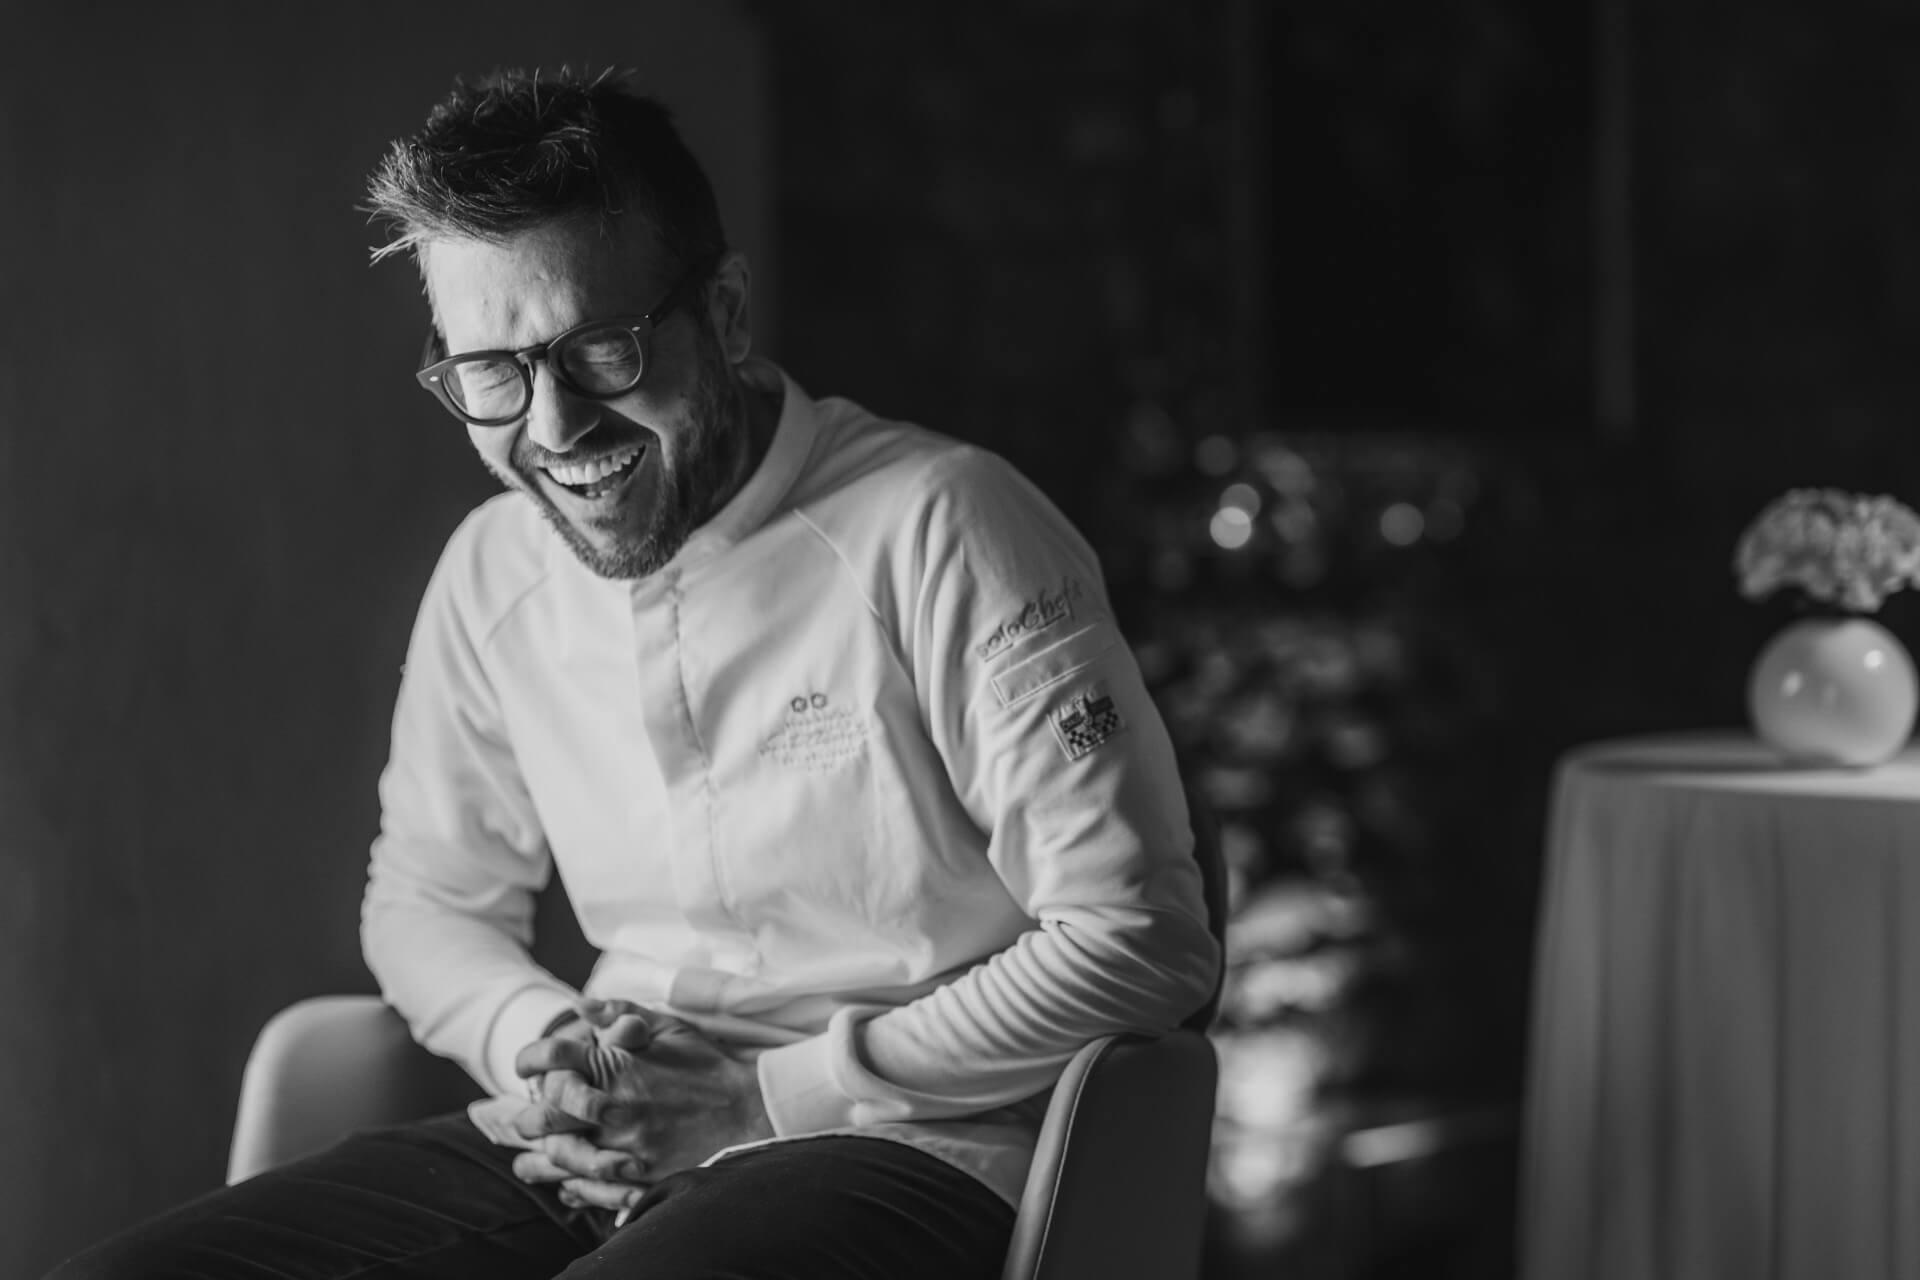 chef Rocco De Santis